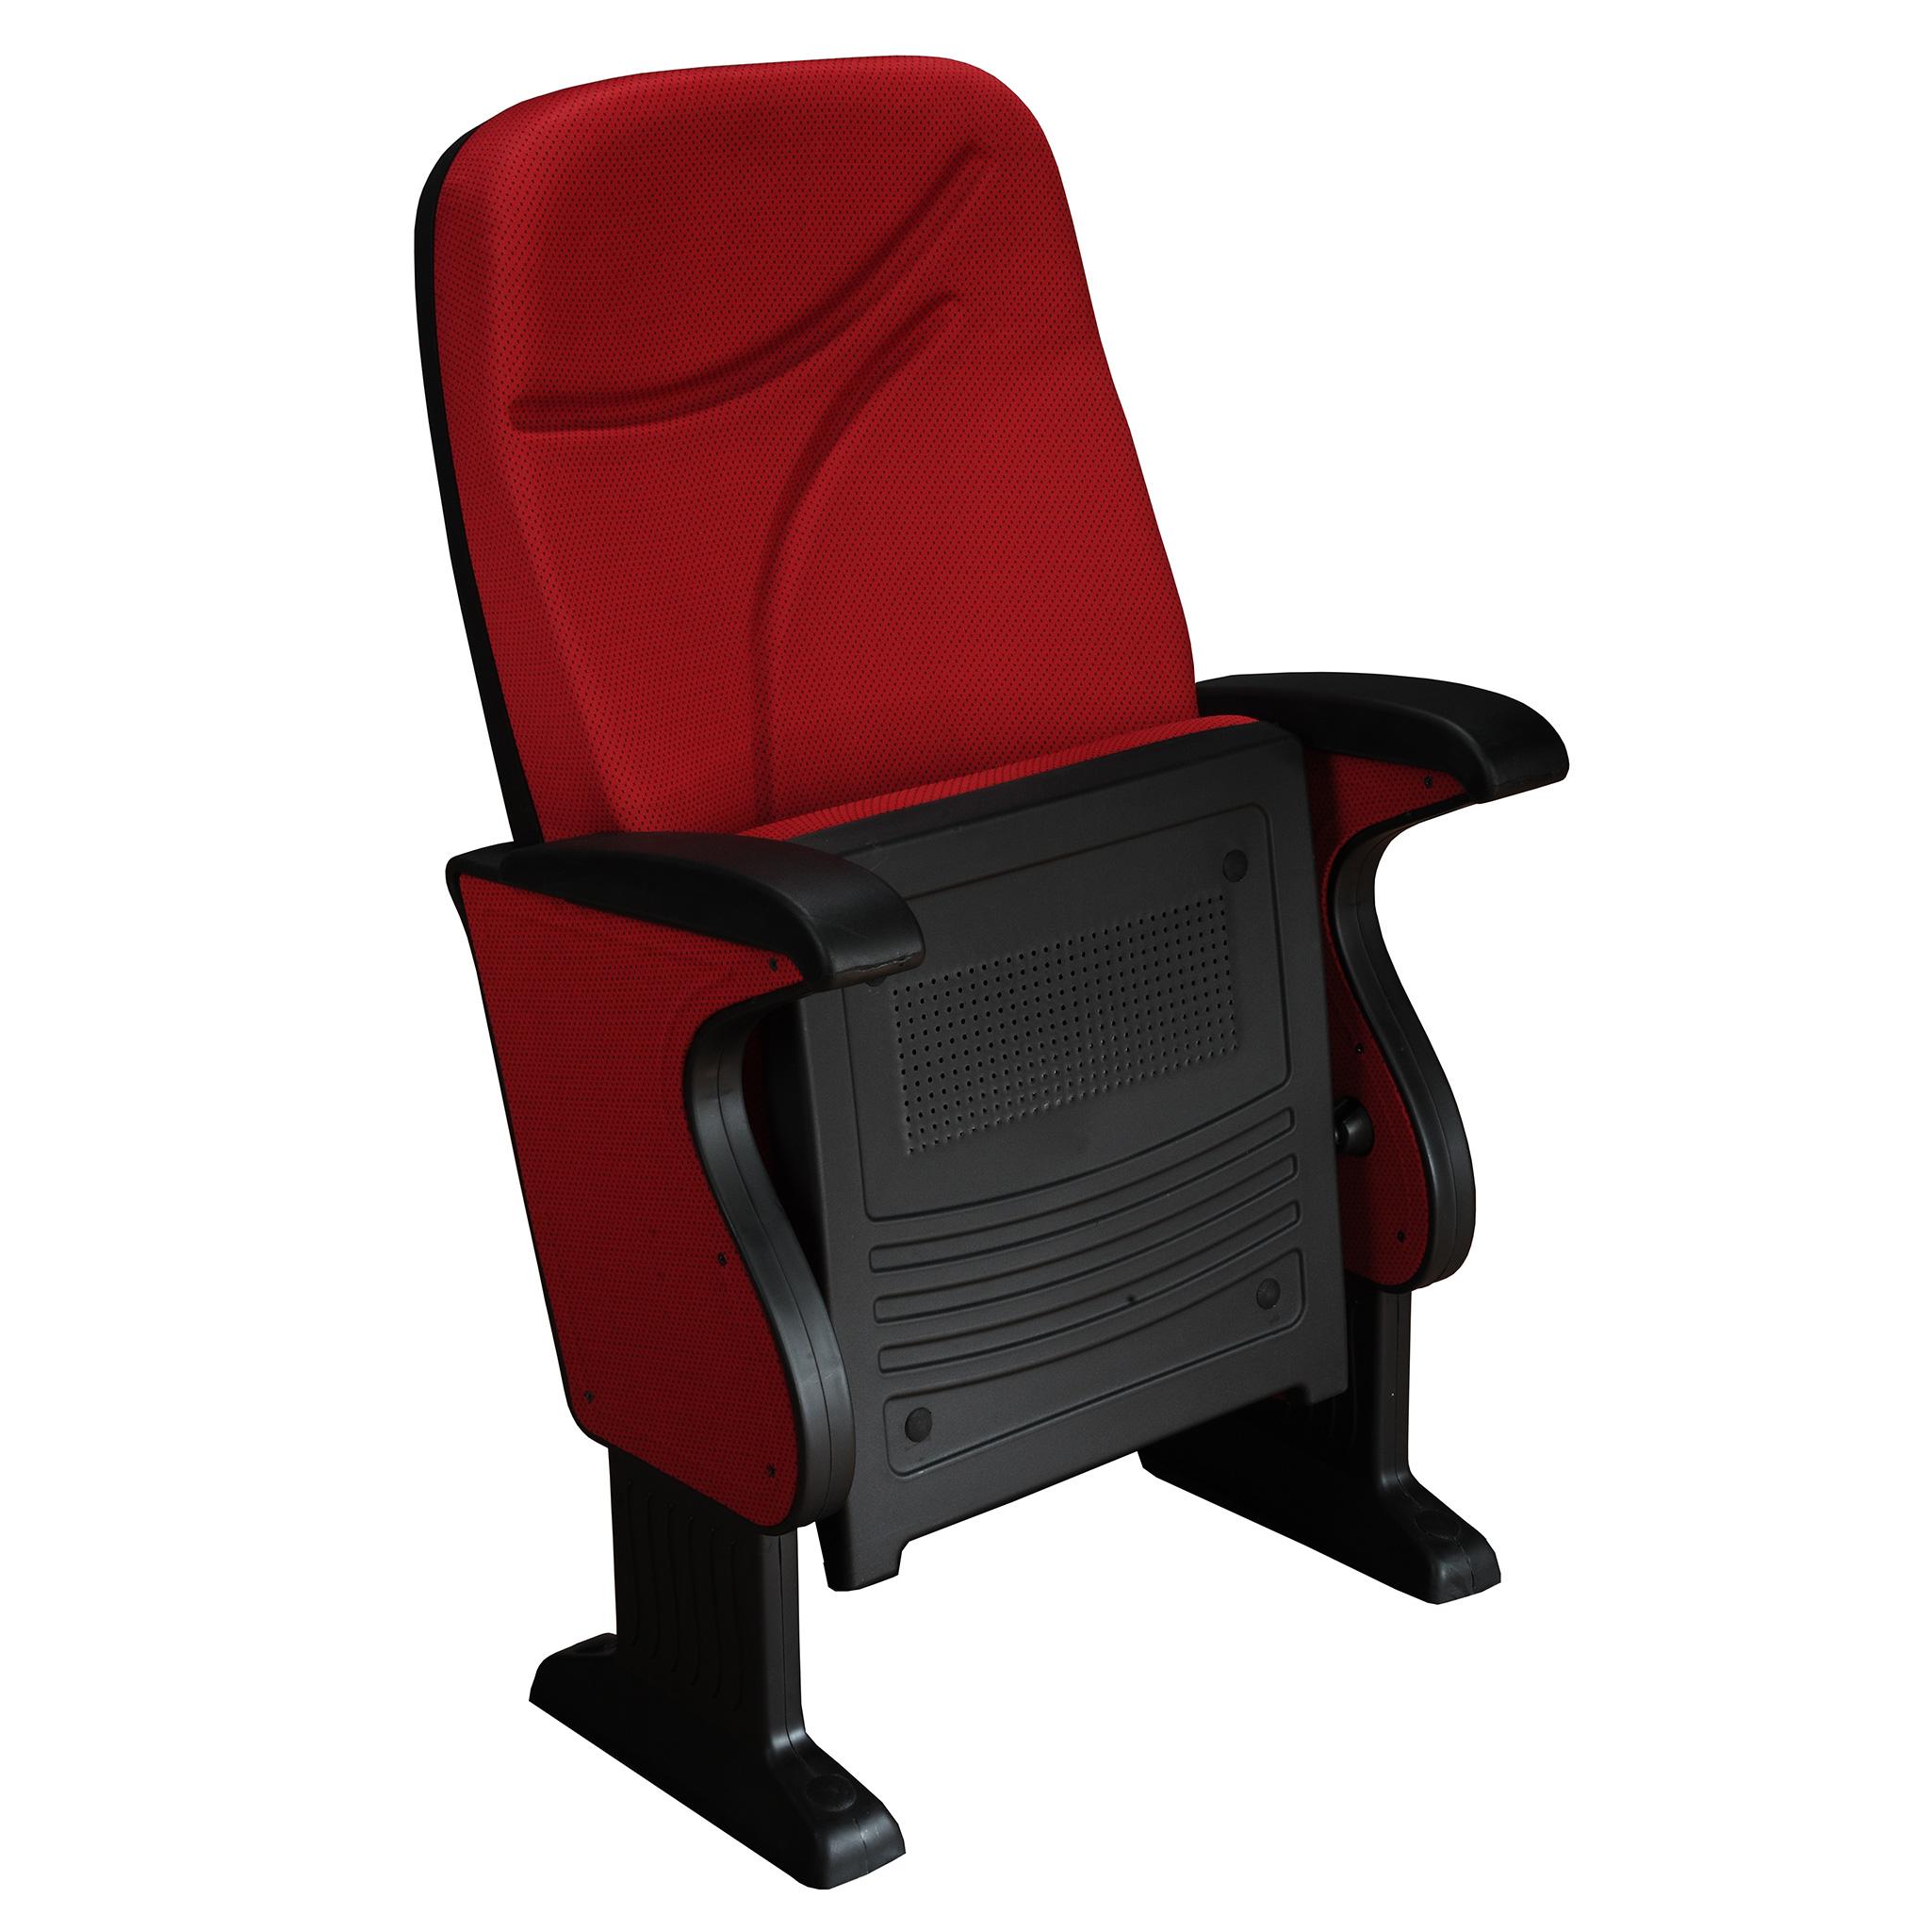 BOLTON P30 - Auditorium, Theatre, Lecture Hall Chair - Turkey - Seatorium - Public Seating Manufacturer